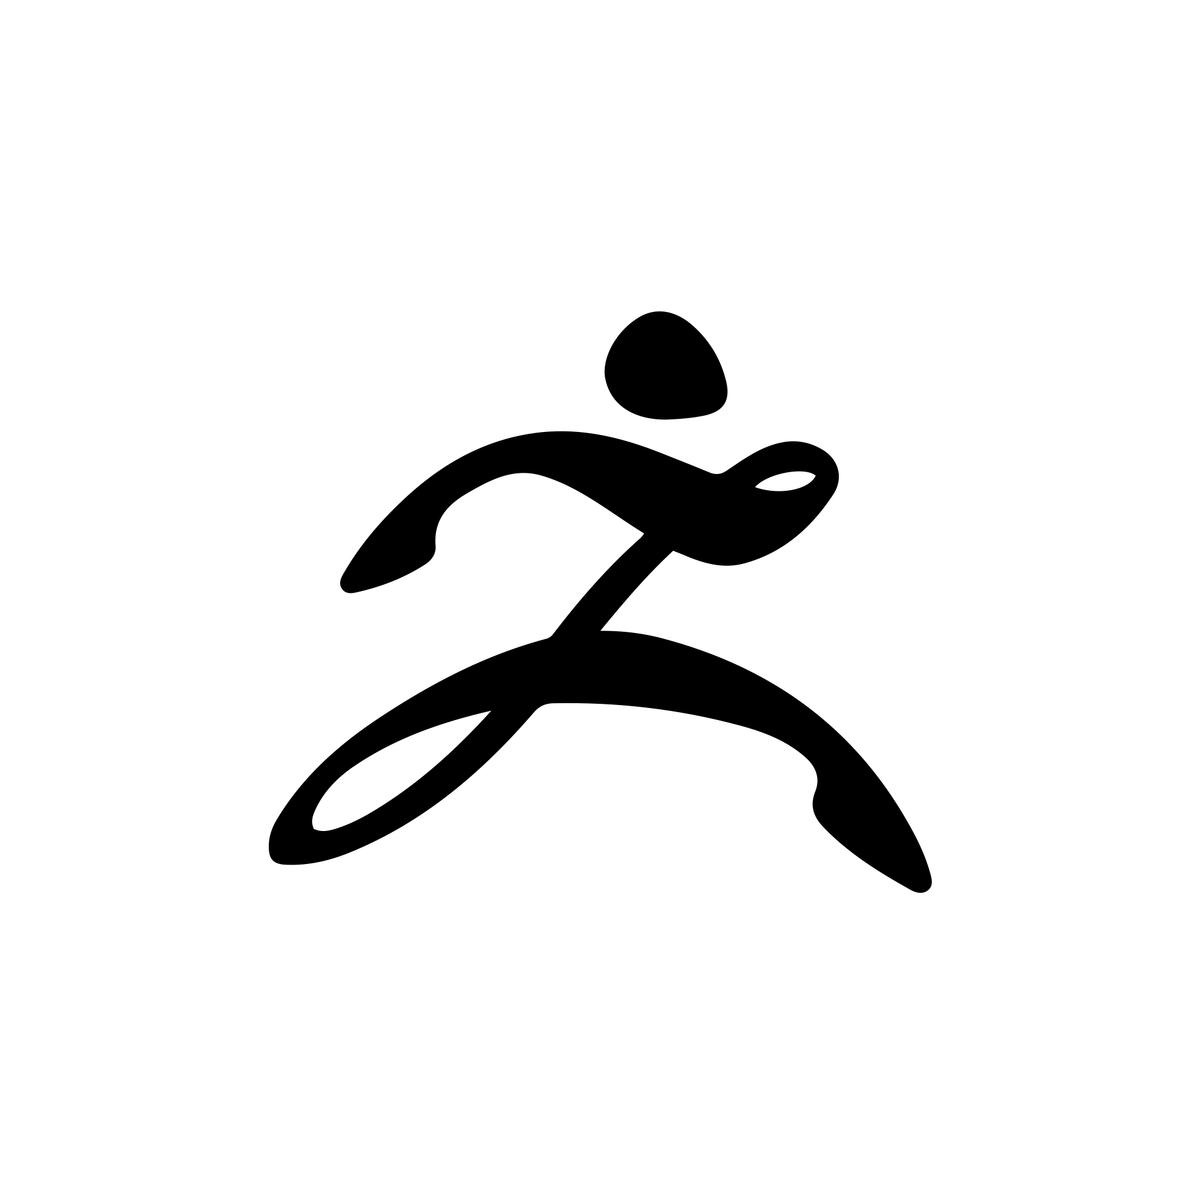 Zbrush Logo United States In 2021 Letter Z Logo Design Tips Letter Logo